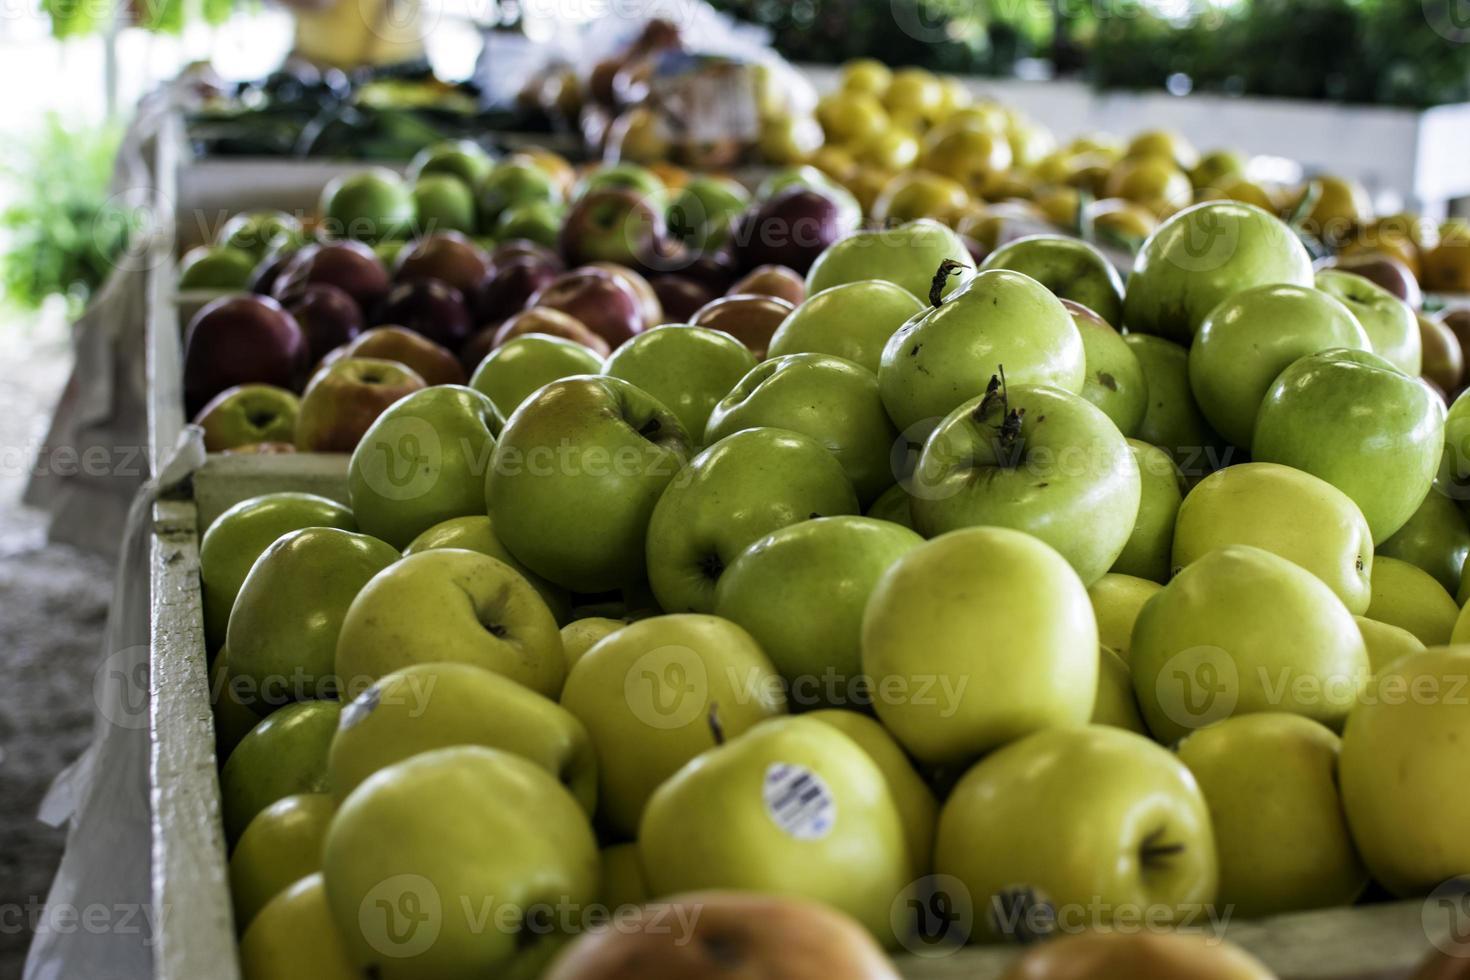 verschiedene Äpfel auf dem Bauernmarkt ausgestellt foto